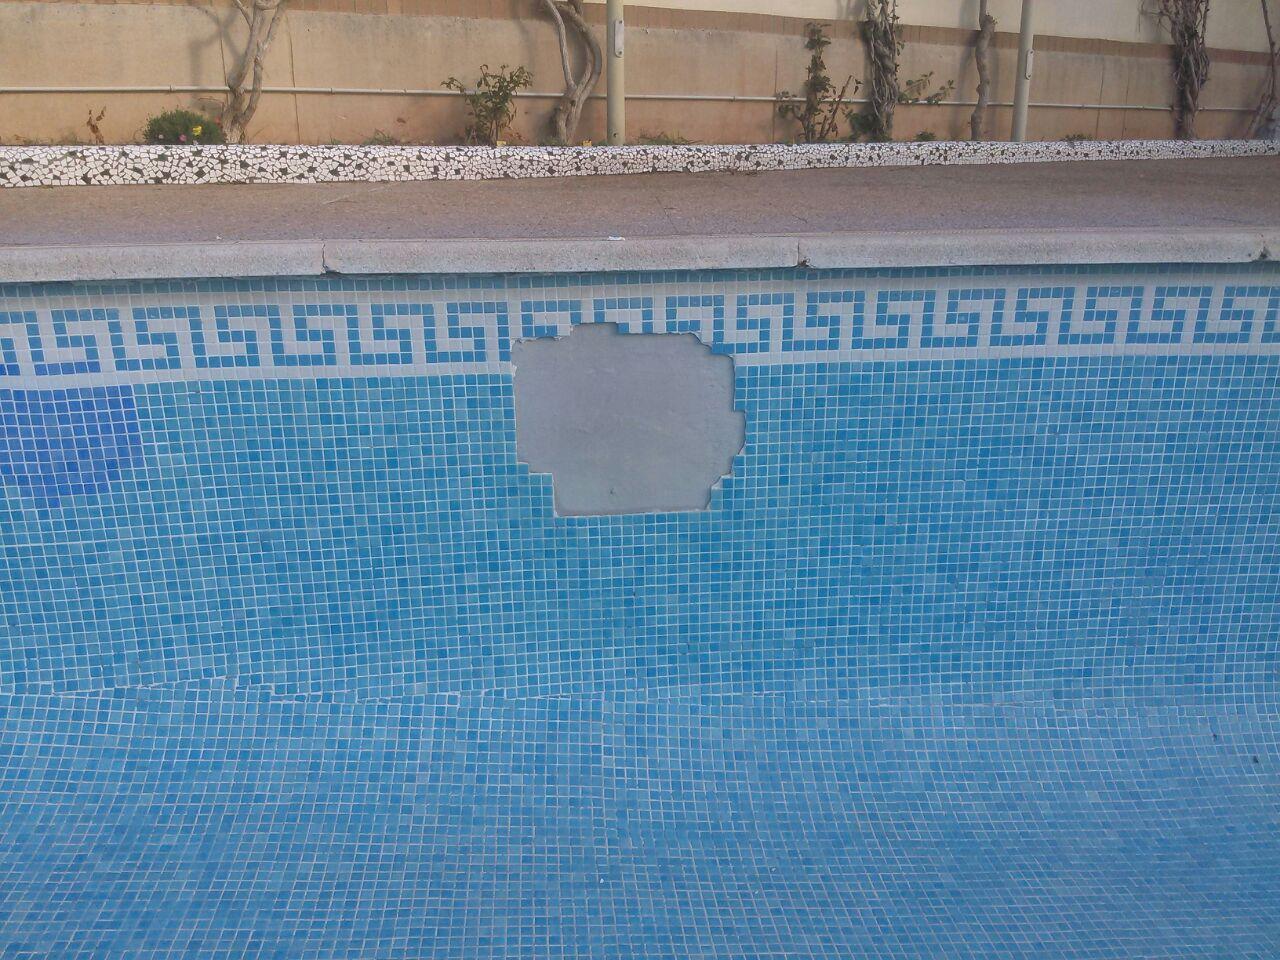 Rejuntado de piscinas comunidad acapulco iv for Vaciado de piscina